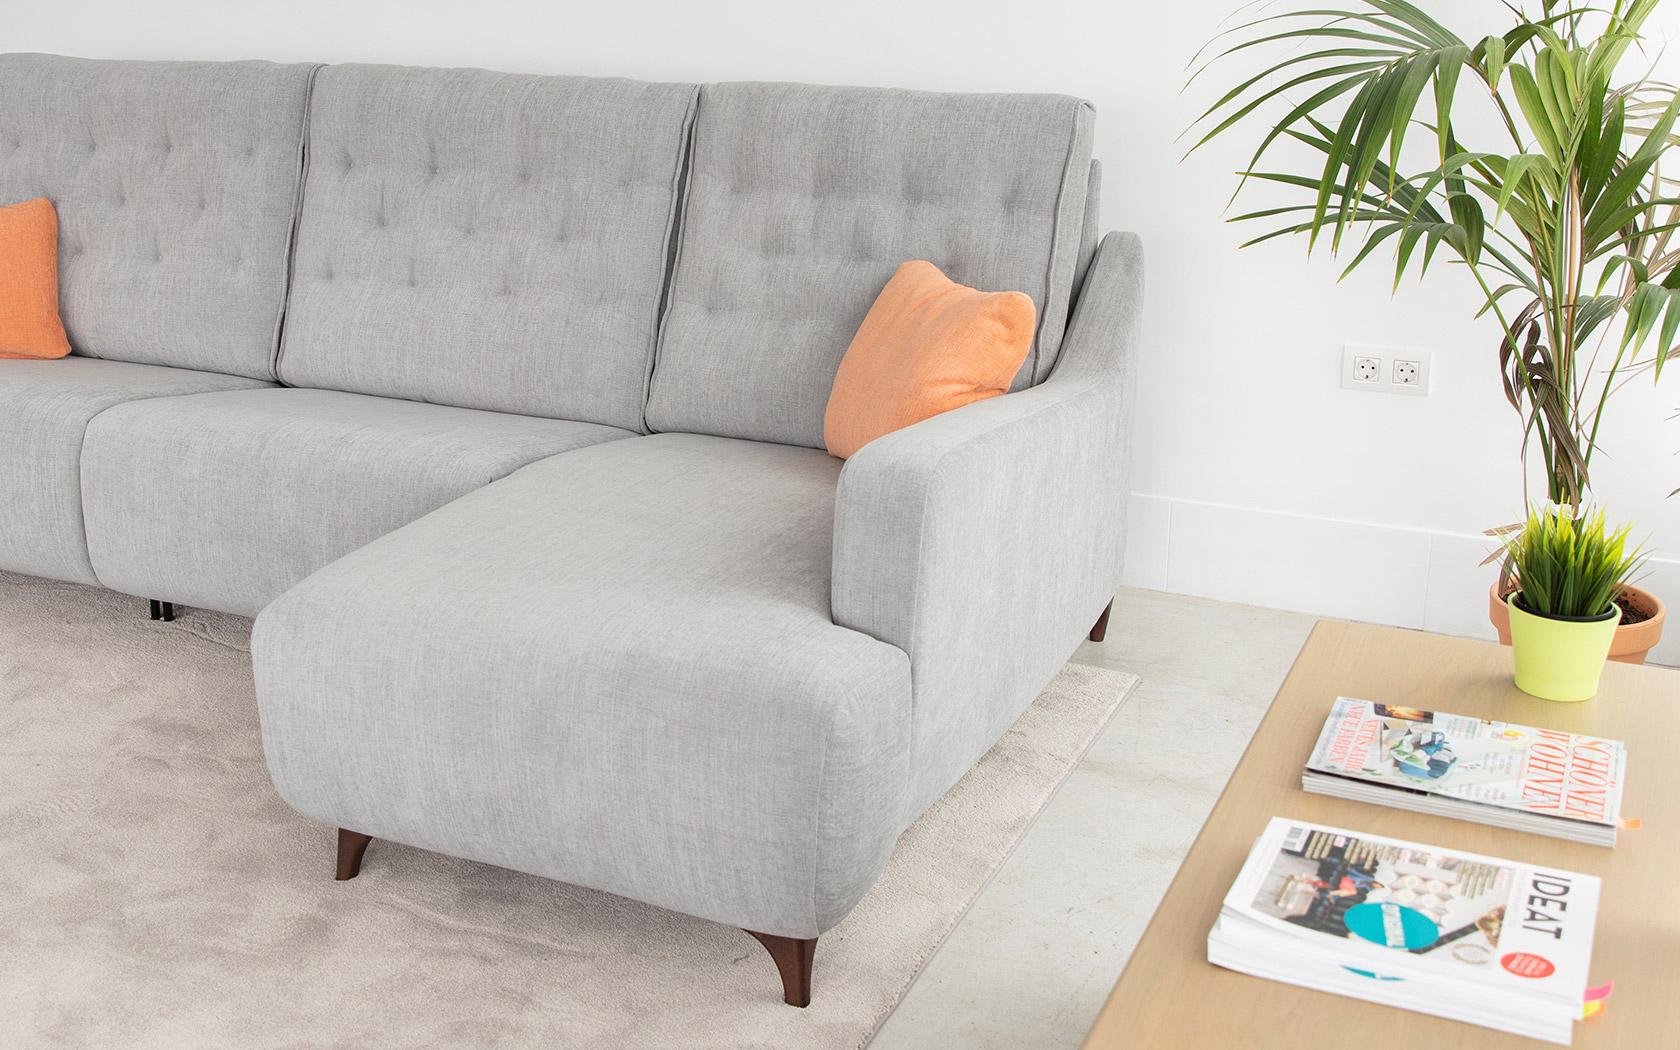 avalon sofa 2021 baja 08